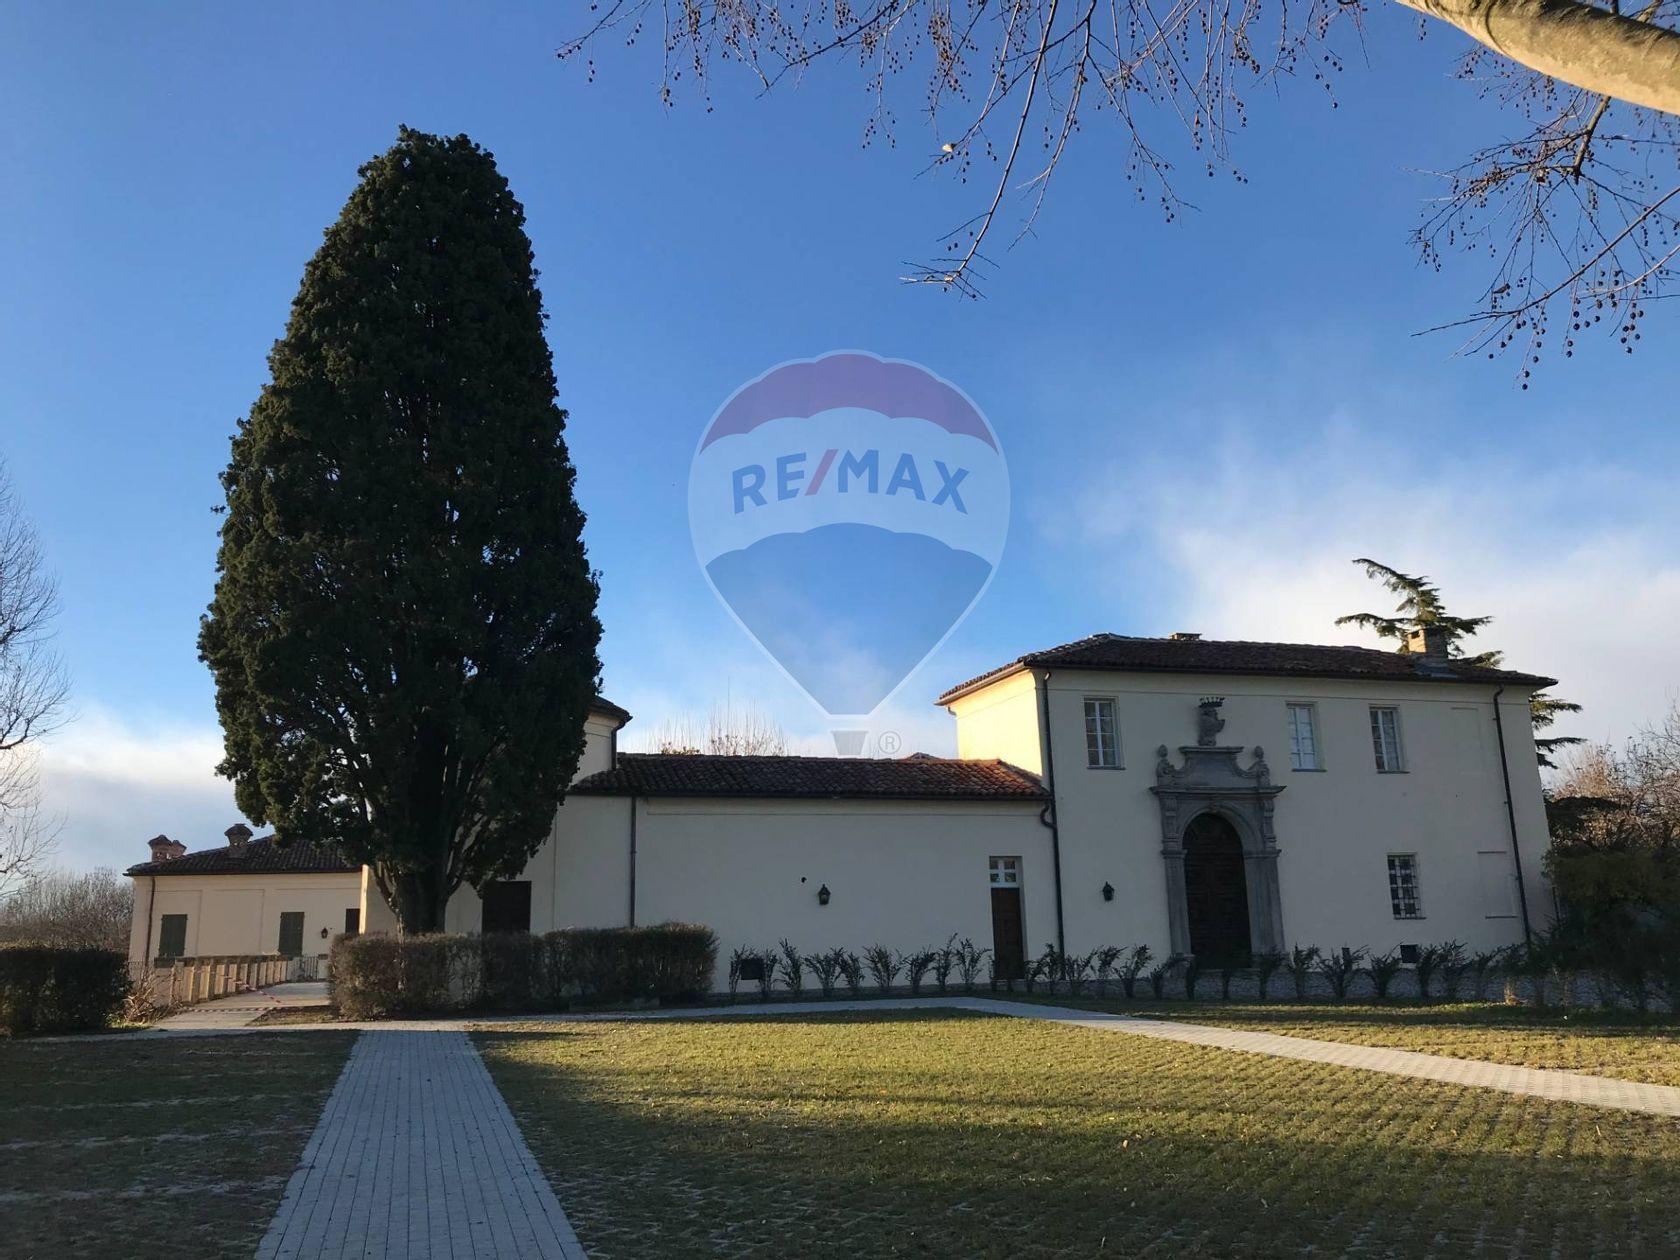 Appartamento Avuglione, Marentino, TO Vendita - Foto 17